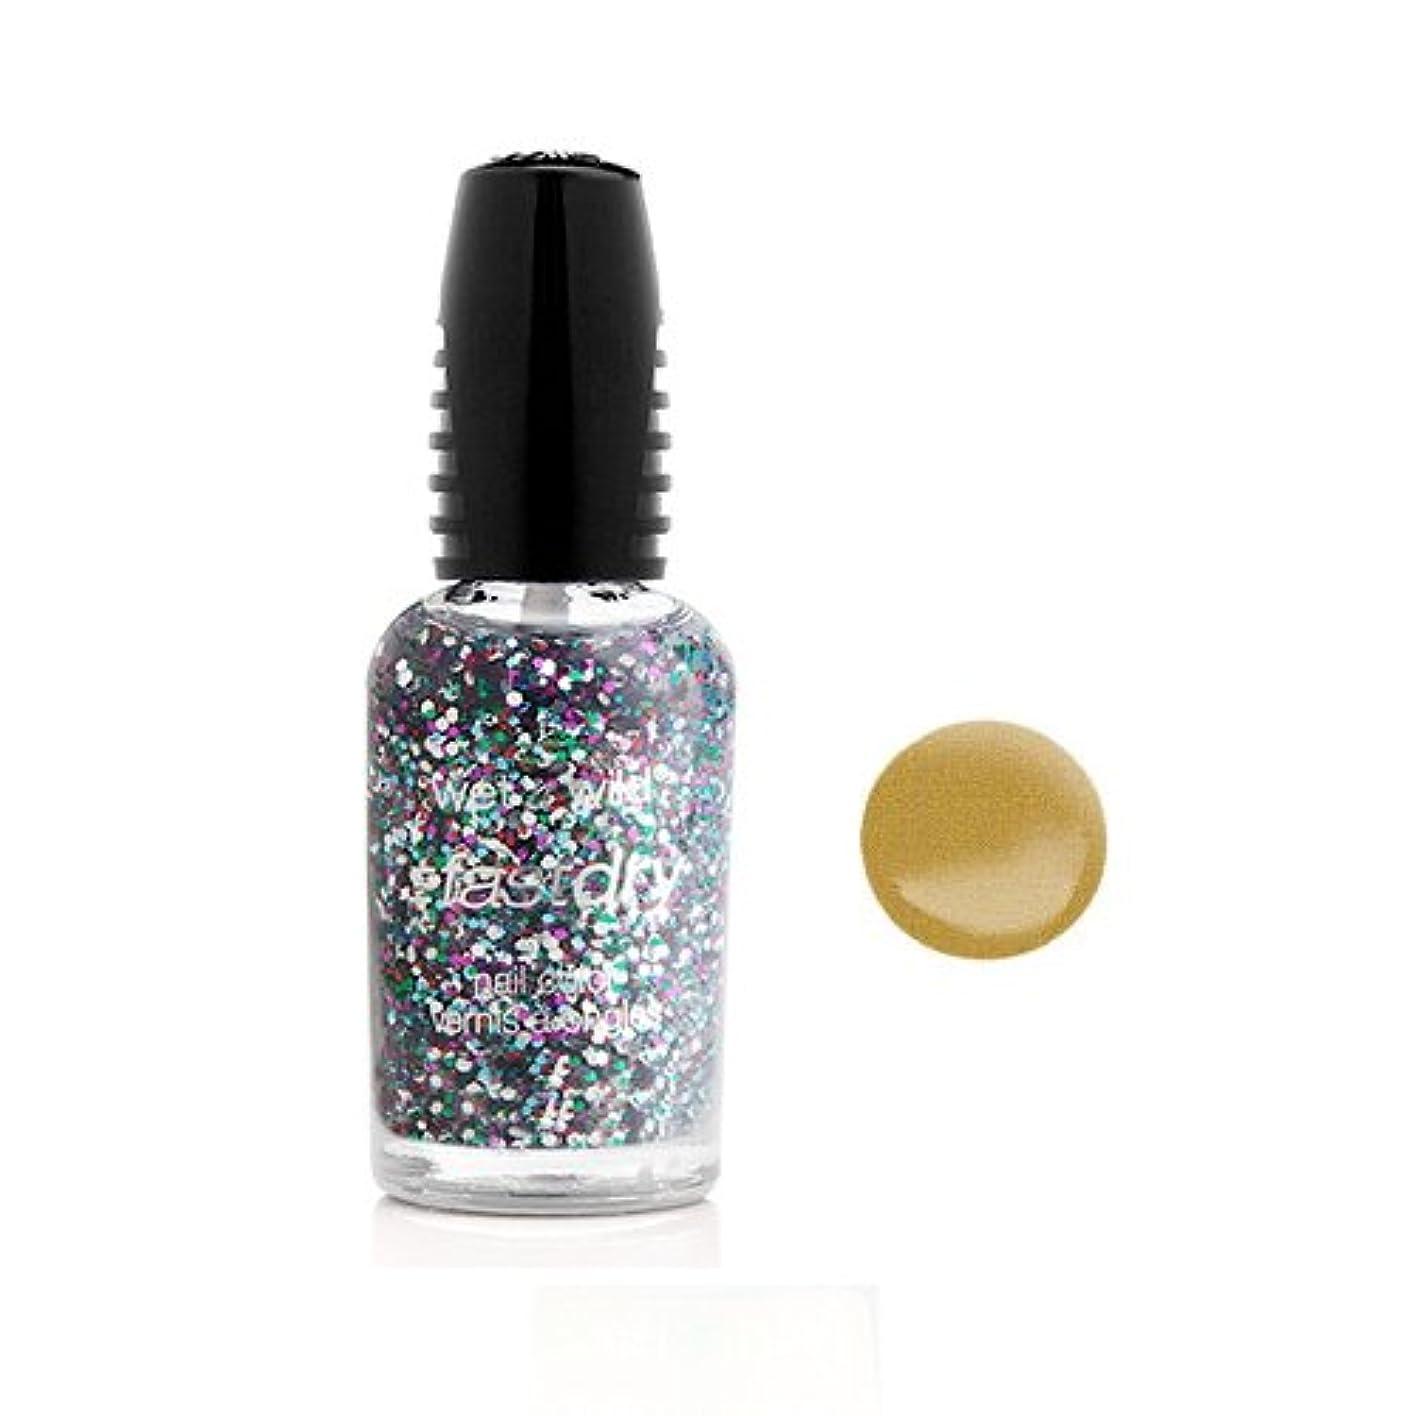 交差点ナチュラ息切れ(6 Pack) WET N WILD Fastdry Nail Color - The Gold & the Beautiful (DC) (並行輸入品)